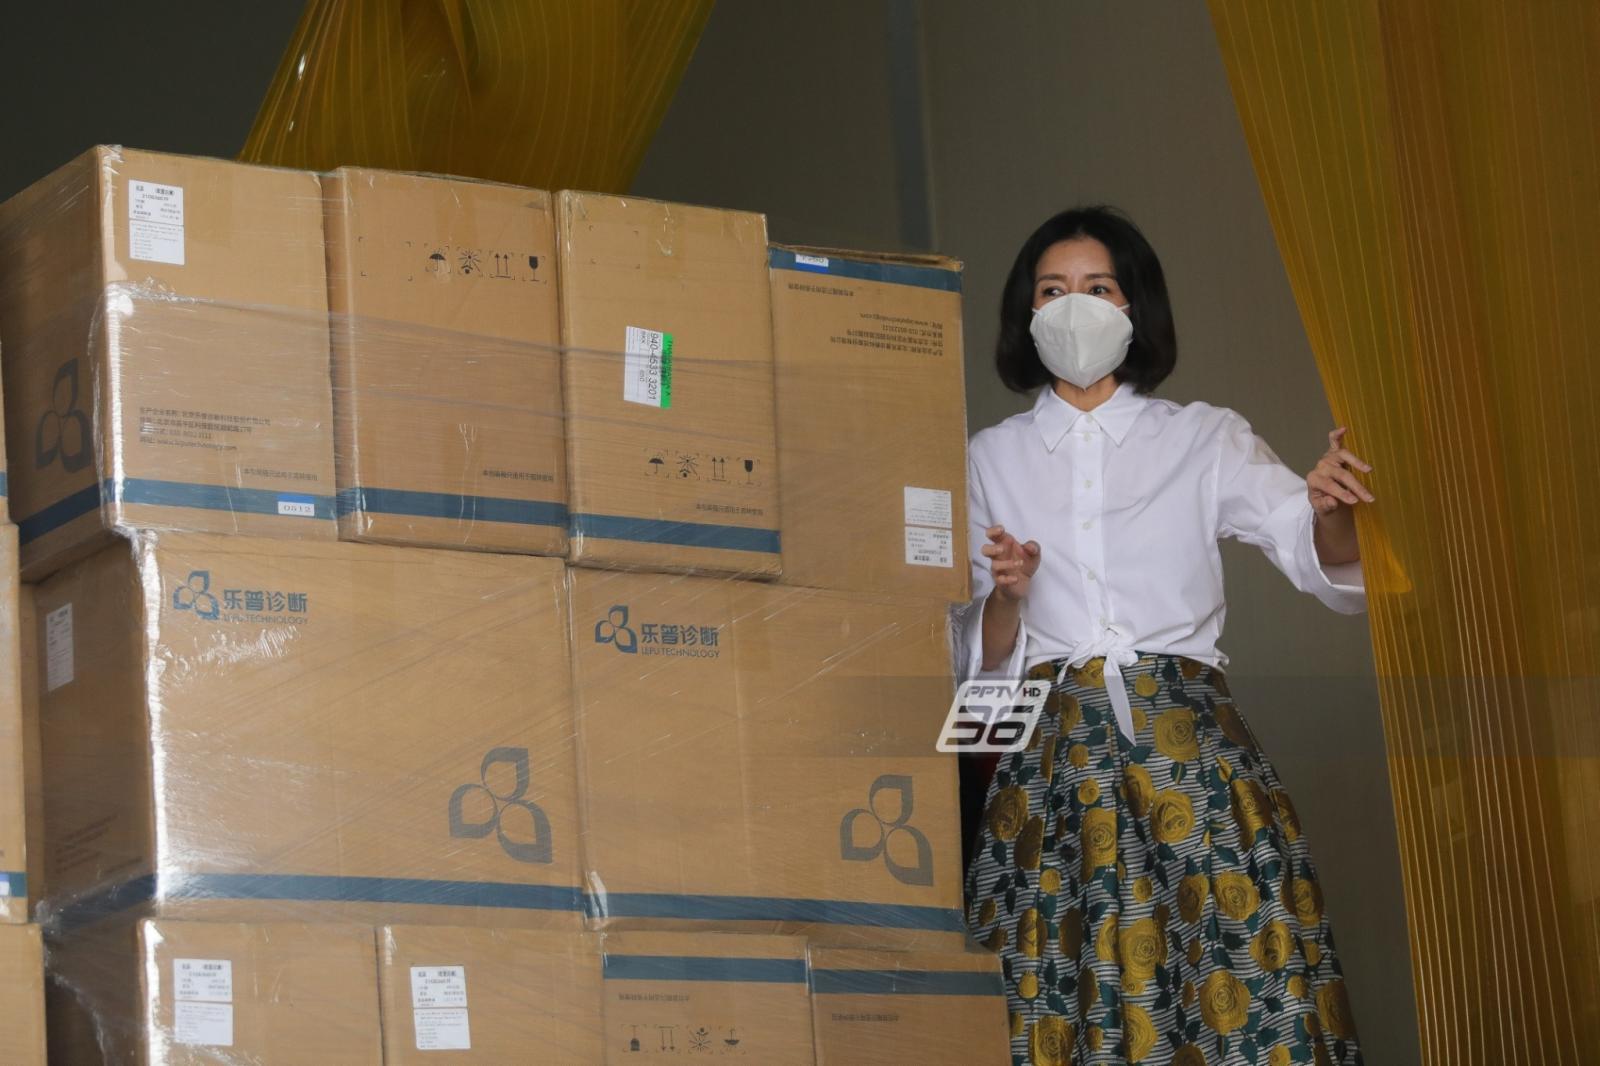 ATK ล็อตแรก 3 ล้านชุดถึงไทยแล้ว เตรียมกระจายหลัง รพ.รามาฯ ตรวจคุณภาพ